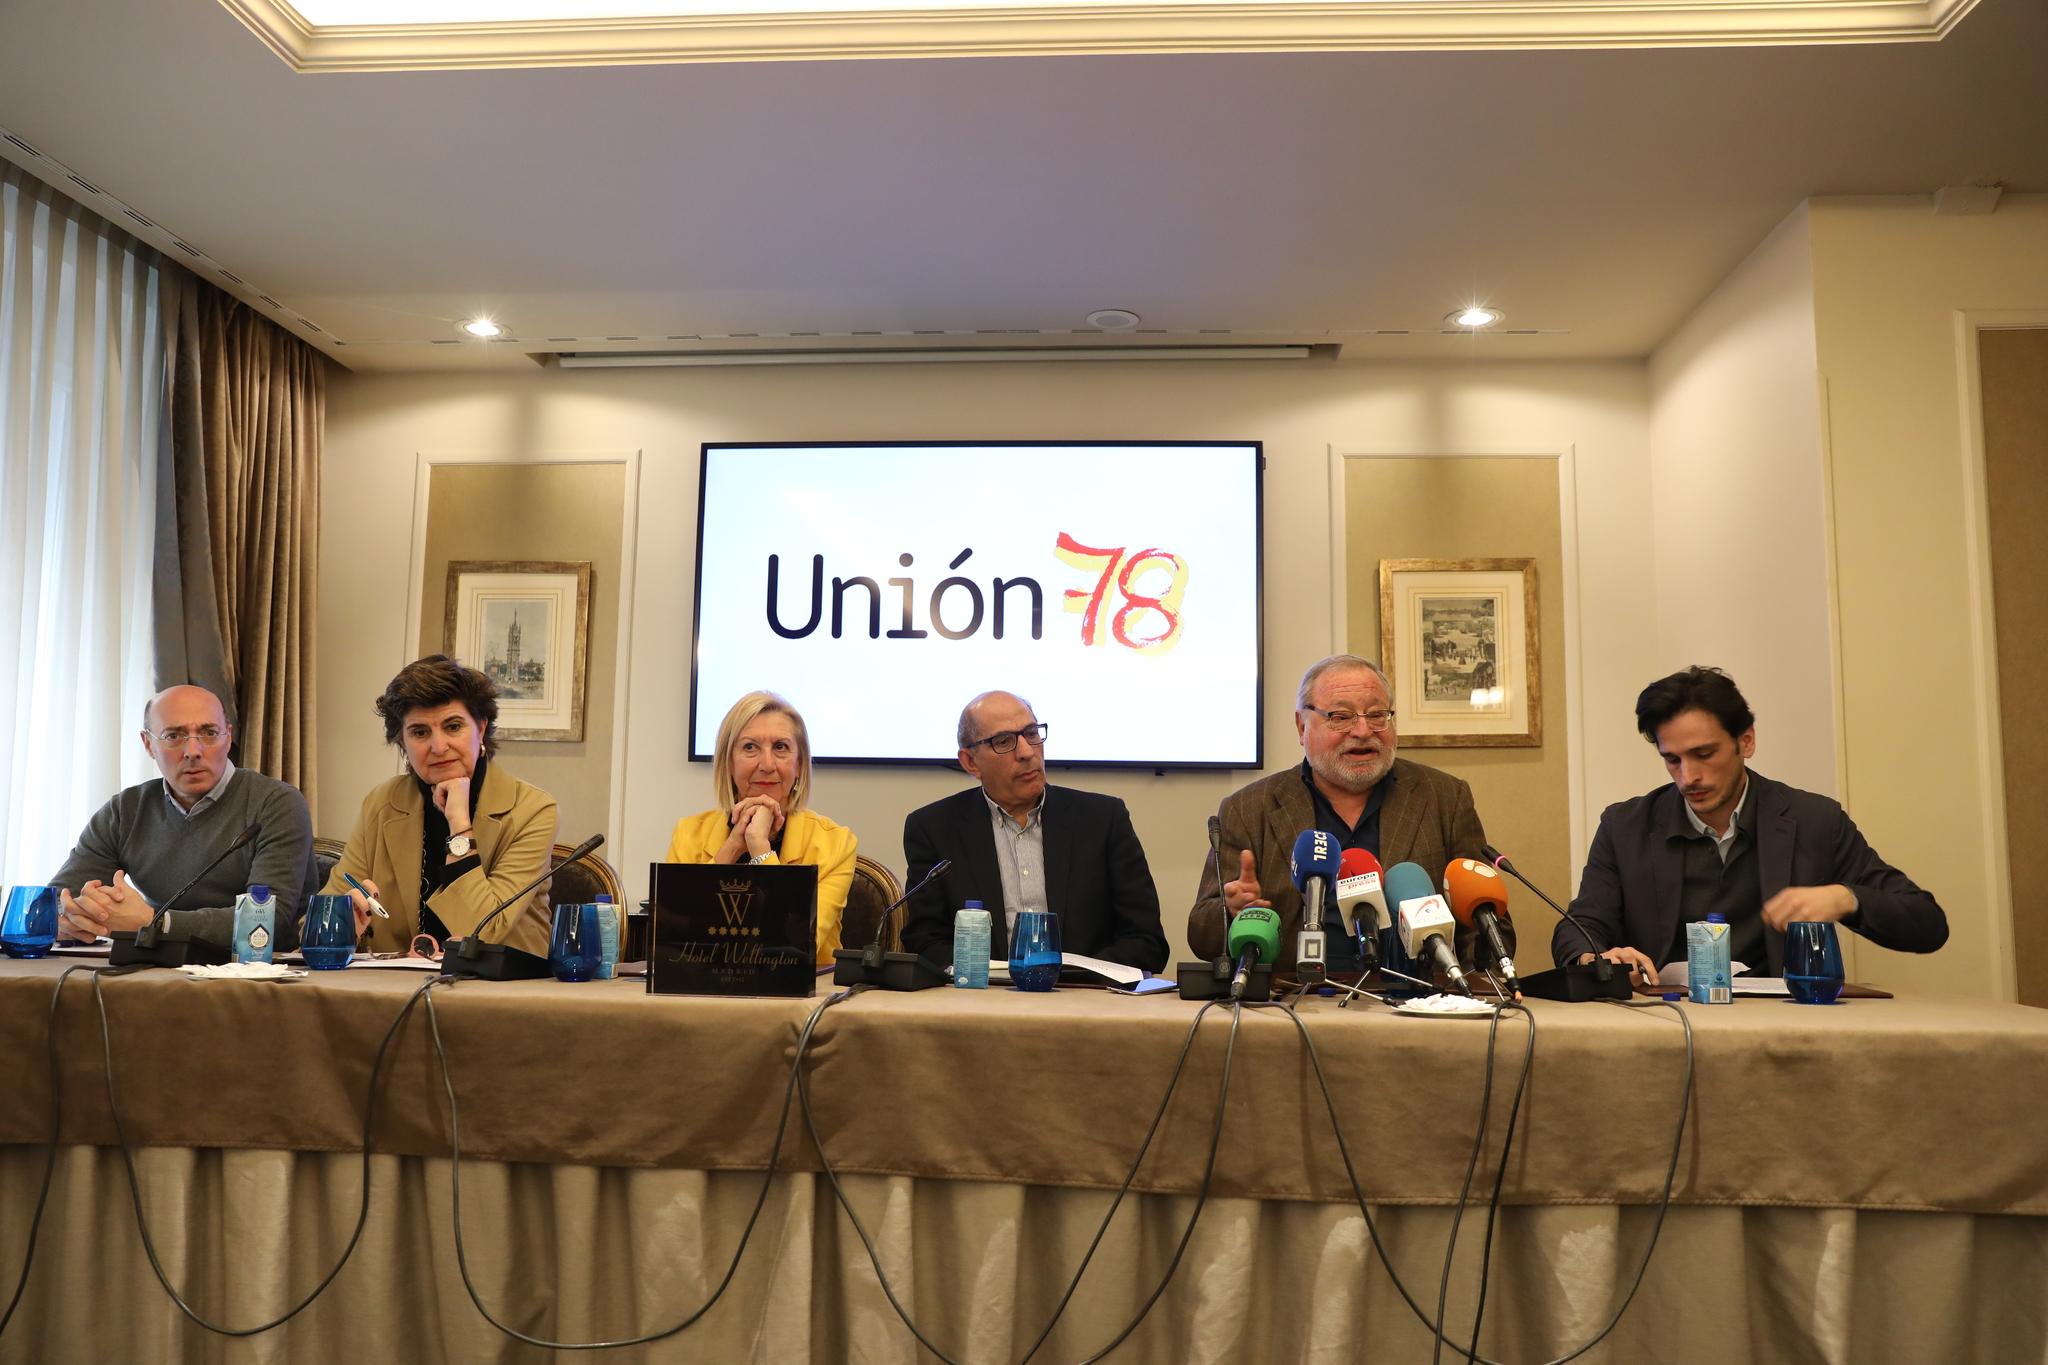 Rosa Díez, Fernando Savater y María San Gil, entre los impulsores de la plataforma Unión 78.